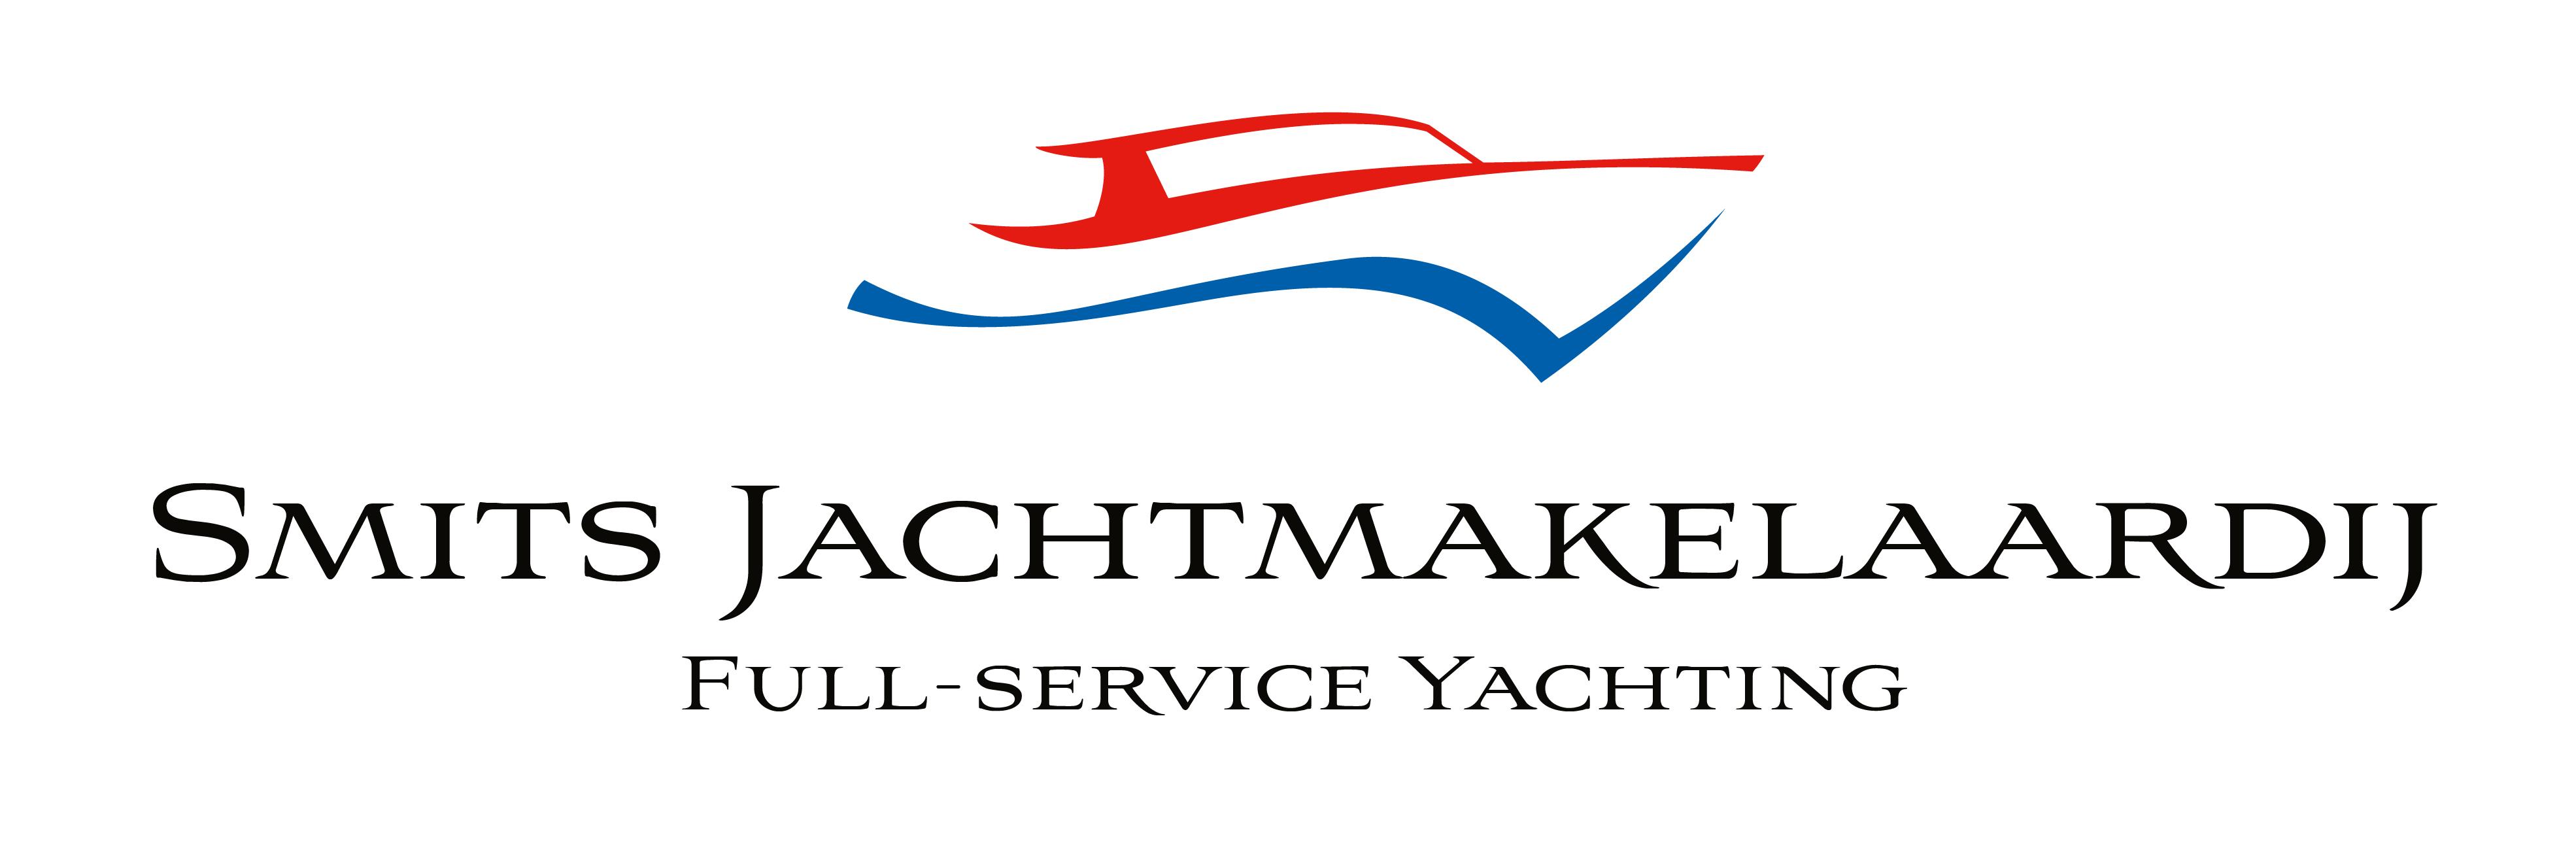 Se alle yacht fra Smits Jachtmakelaardij